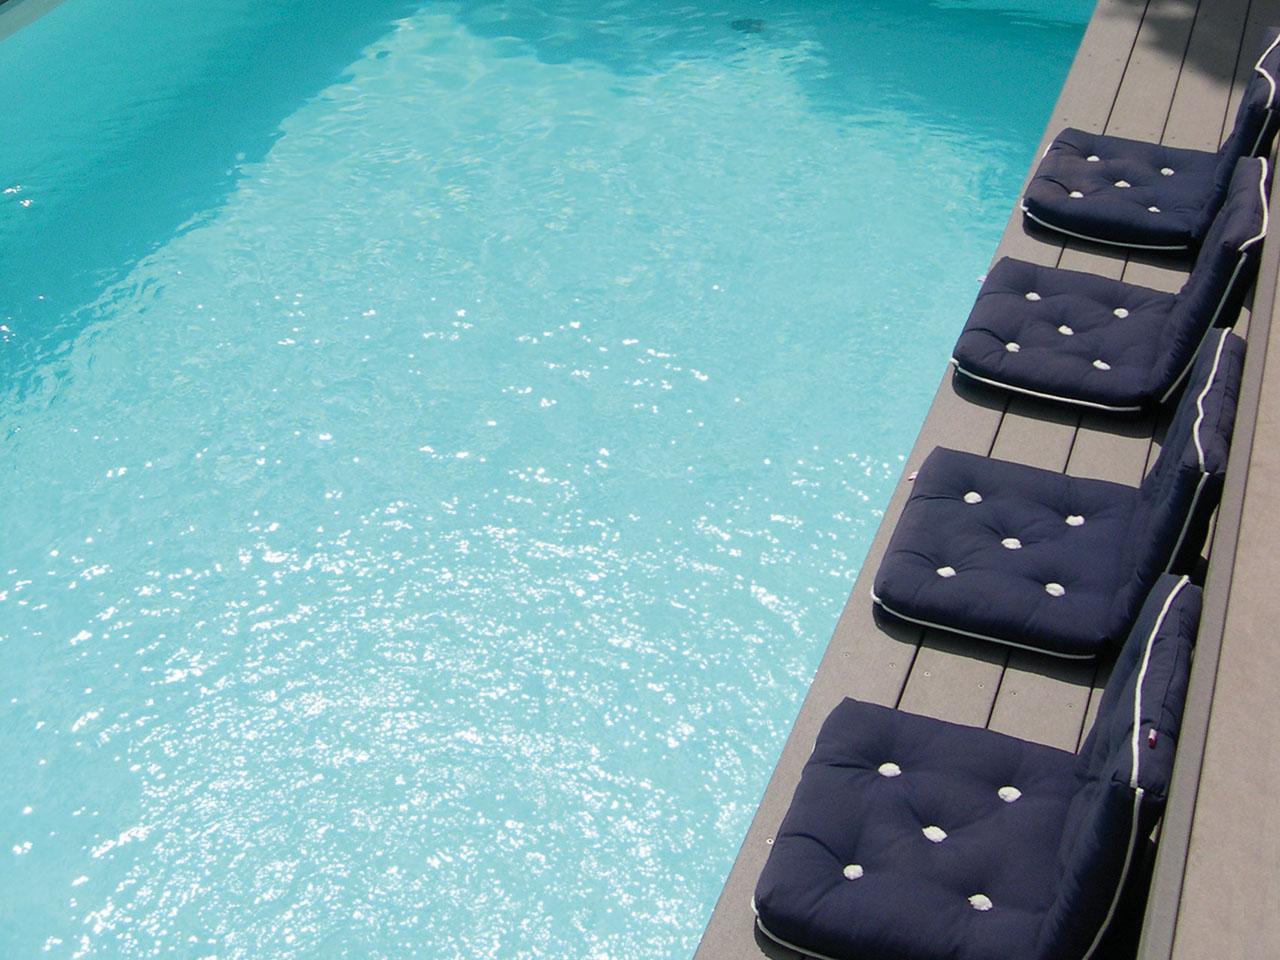 Poolumrandung aus grauen Barfußdielen mit Kissen zum Sitzen drauf und hellblauem Poolwasser